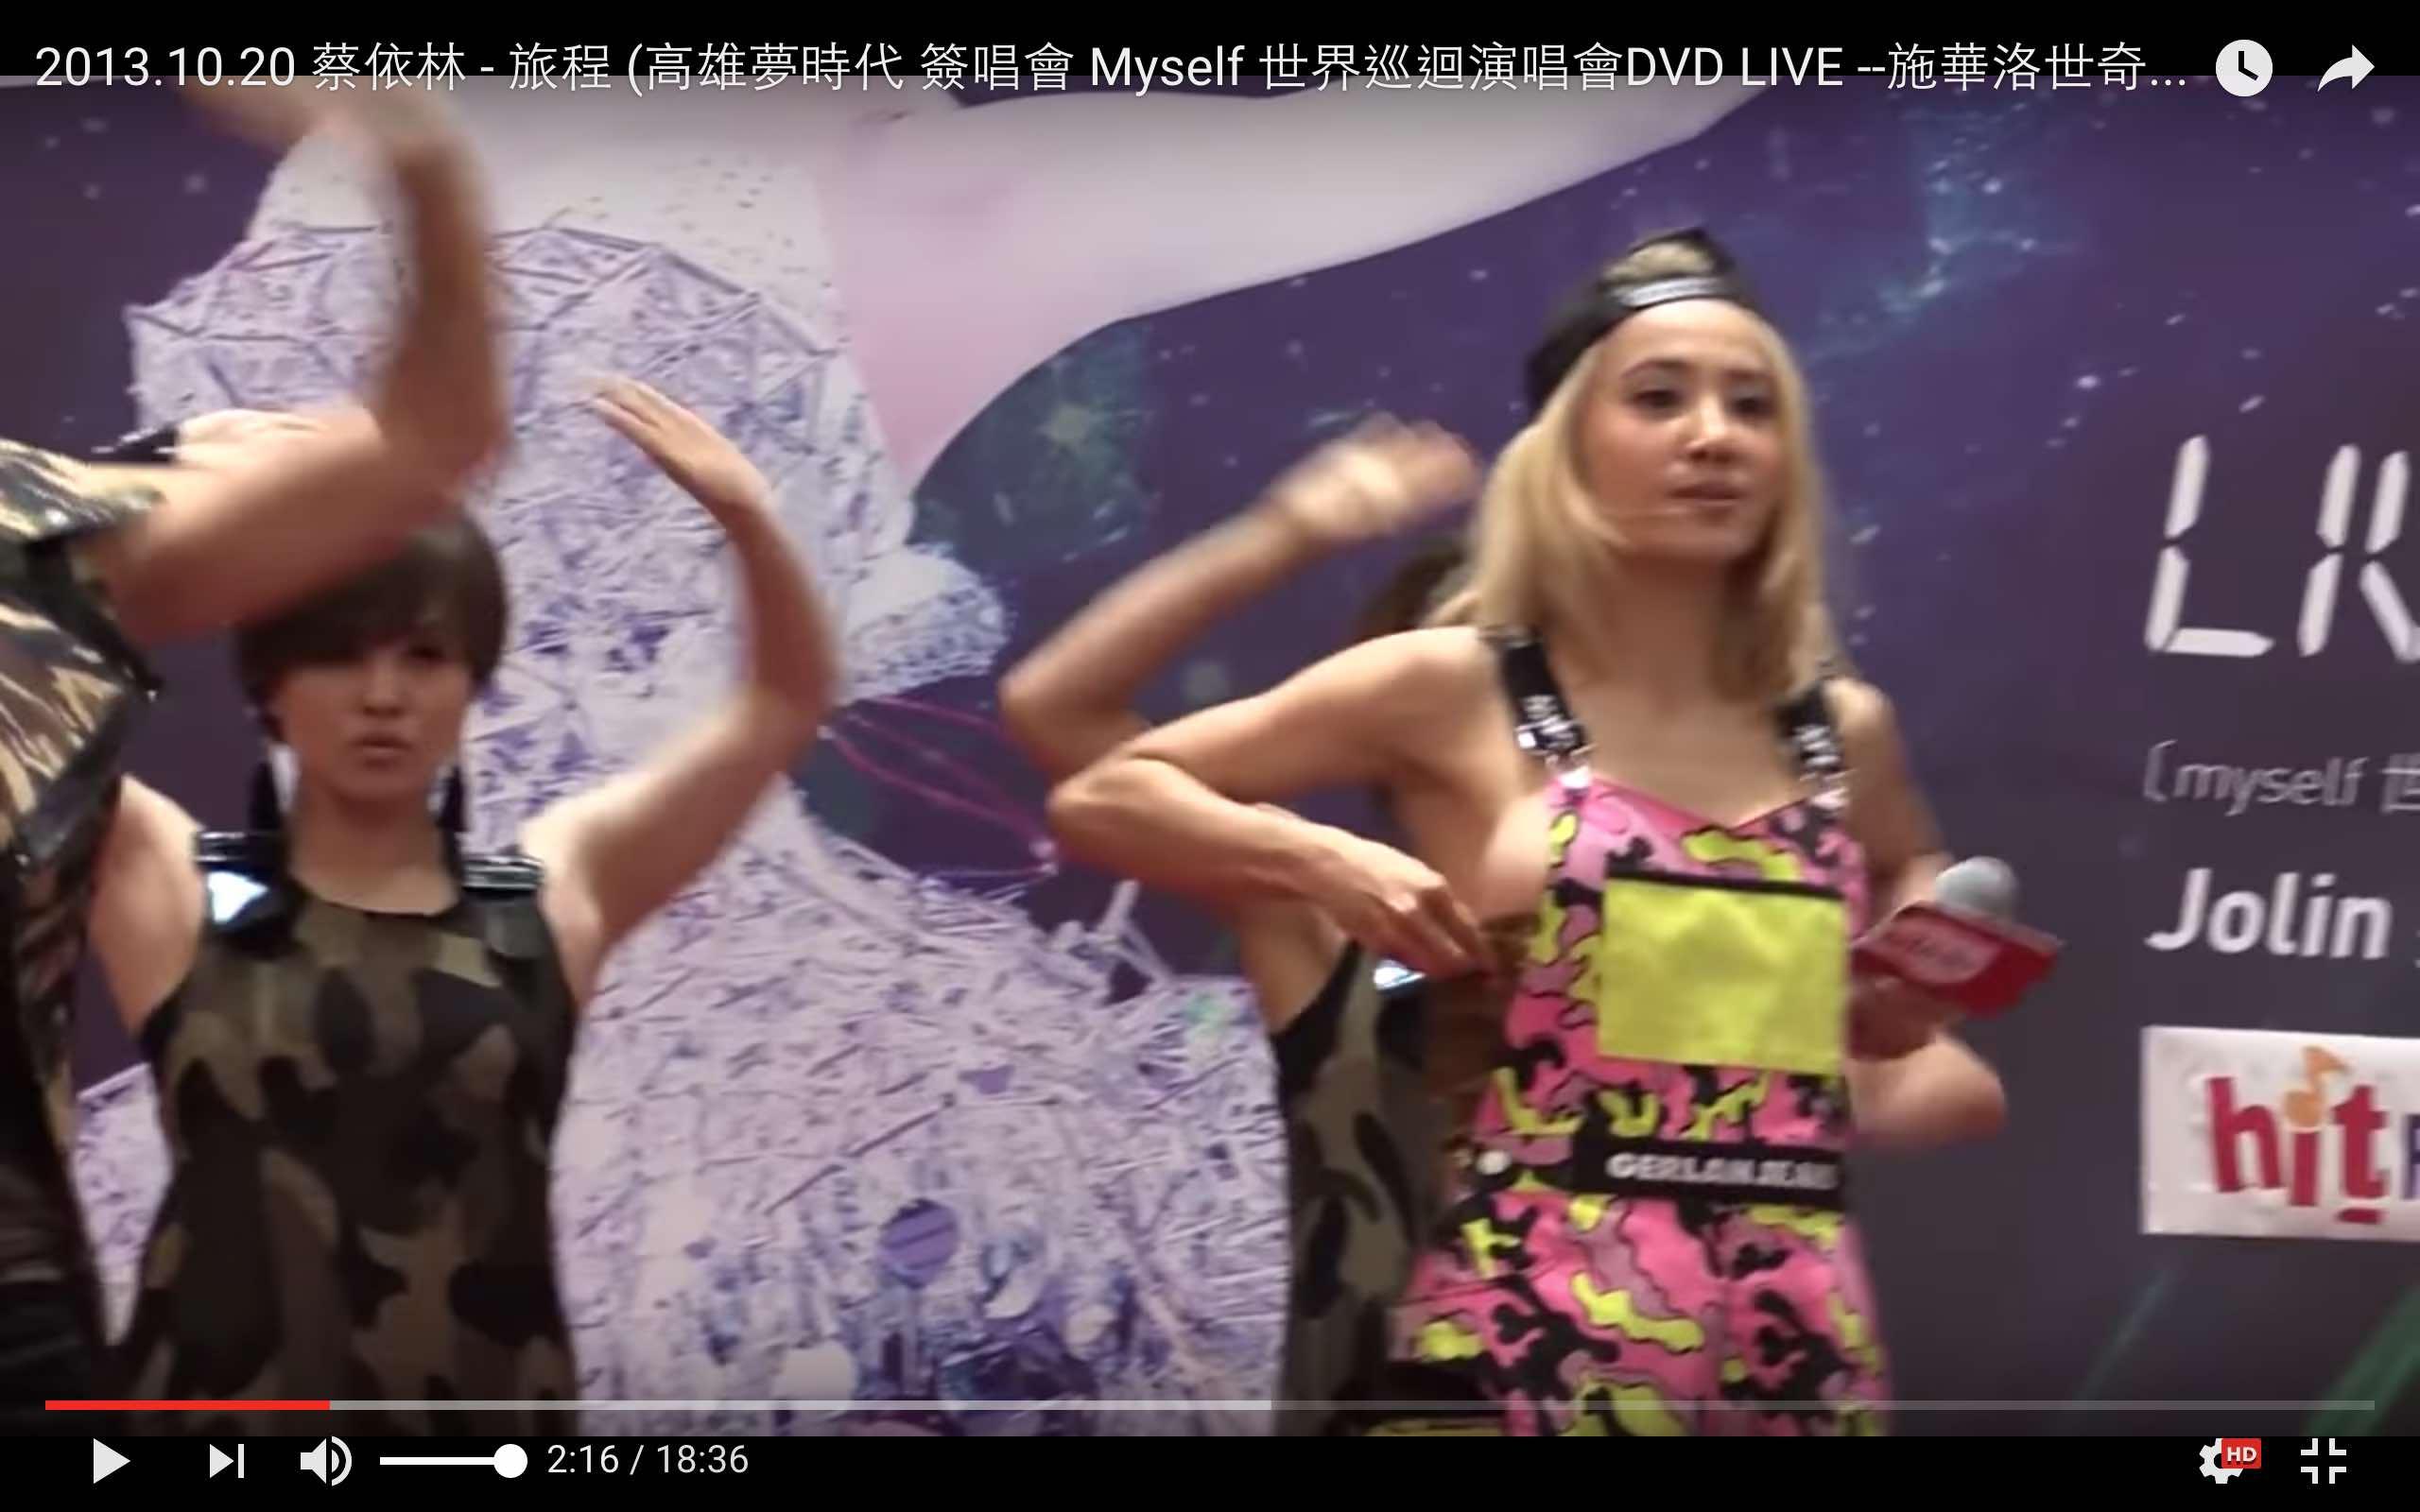 平口小可爱,现场表演《旅程》,由於舞蹈动作过大,导致背心不时滑落.